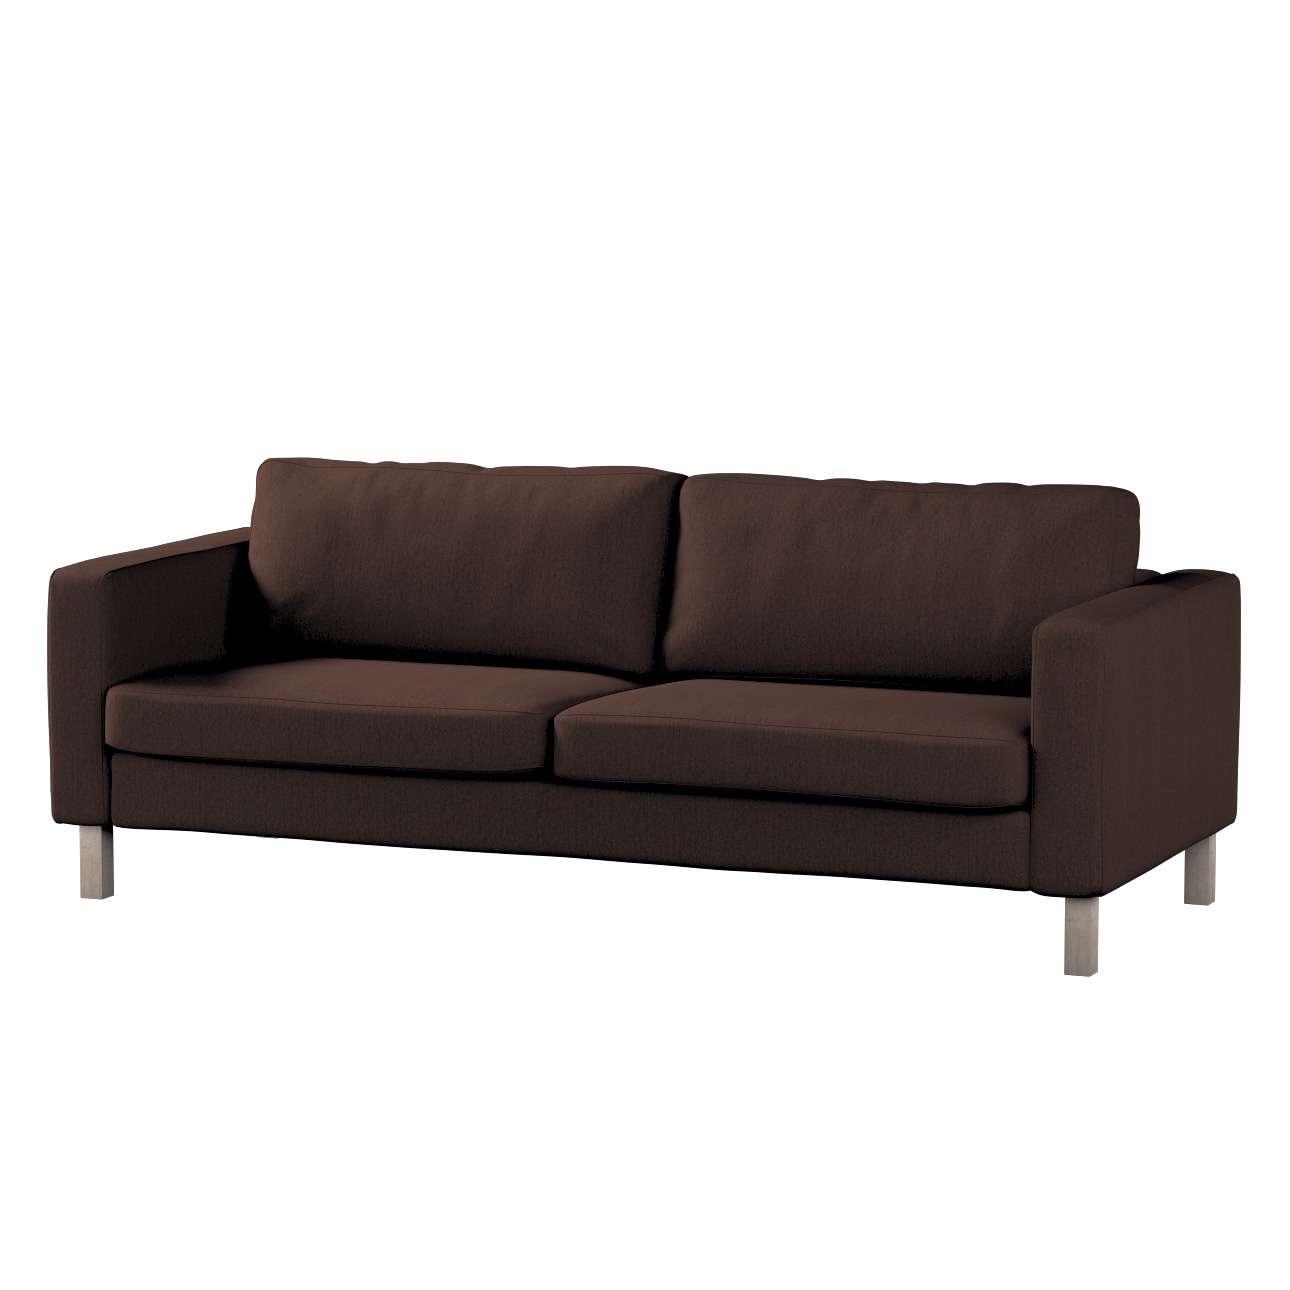 Pokrowiec na sofę Karlstad 3-osobową nierozkładaną, krótki Sofa Karlstad 3-osobowa w kolekcji Chenille, tkanina: 702-18